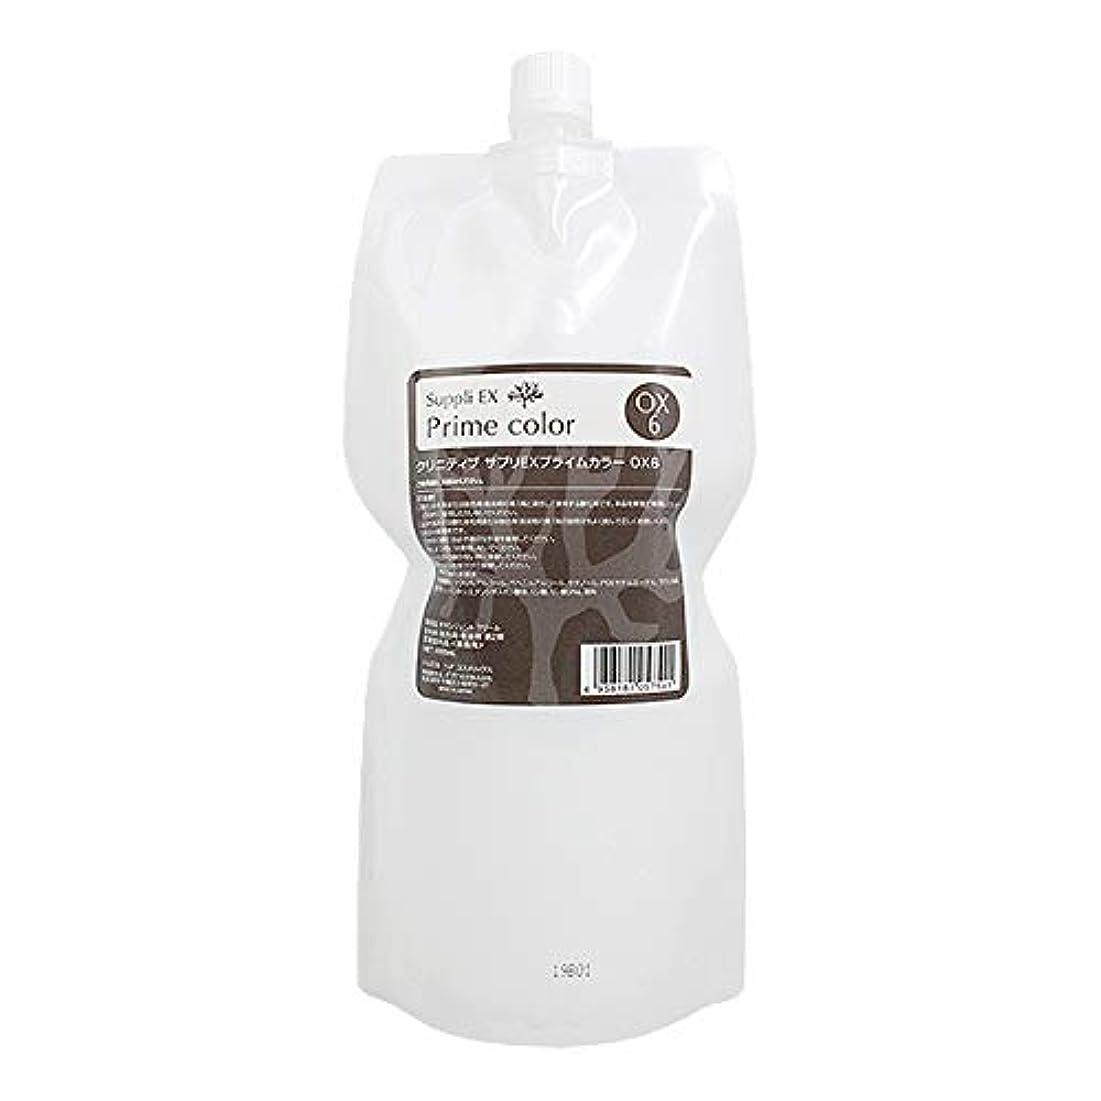 瞑想的ホラー層イリヤ化学 クリニティブ サプリEXプライムカラー アテンド(染毛補助クリーム) 300g